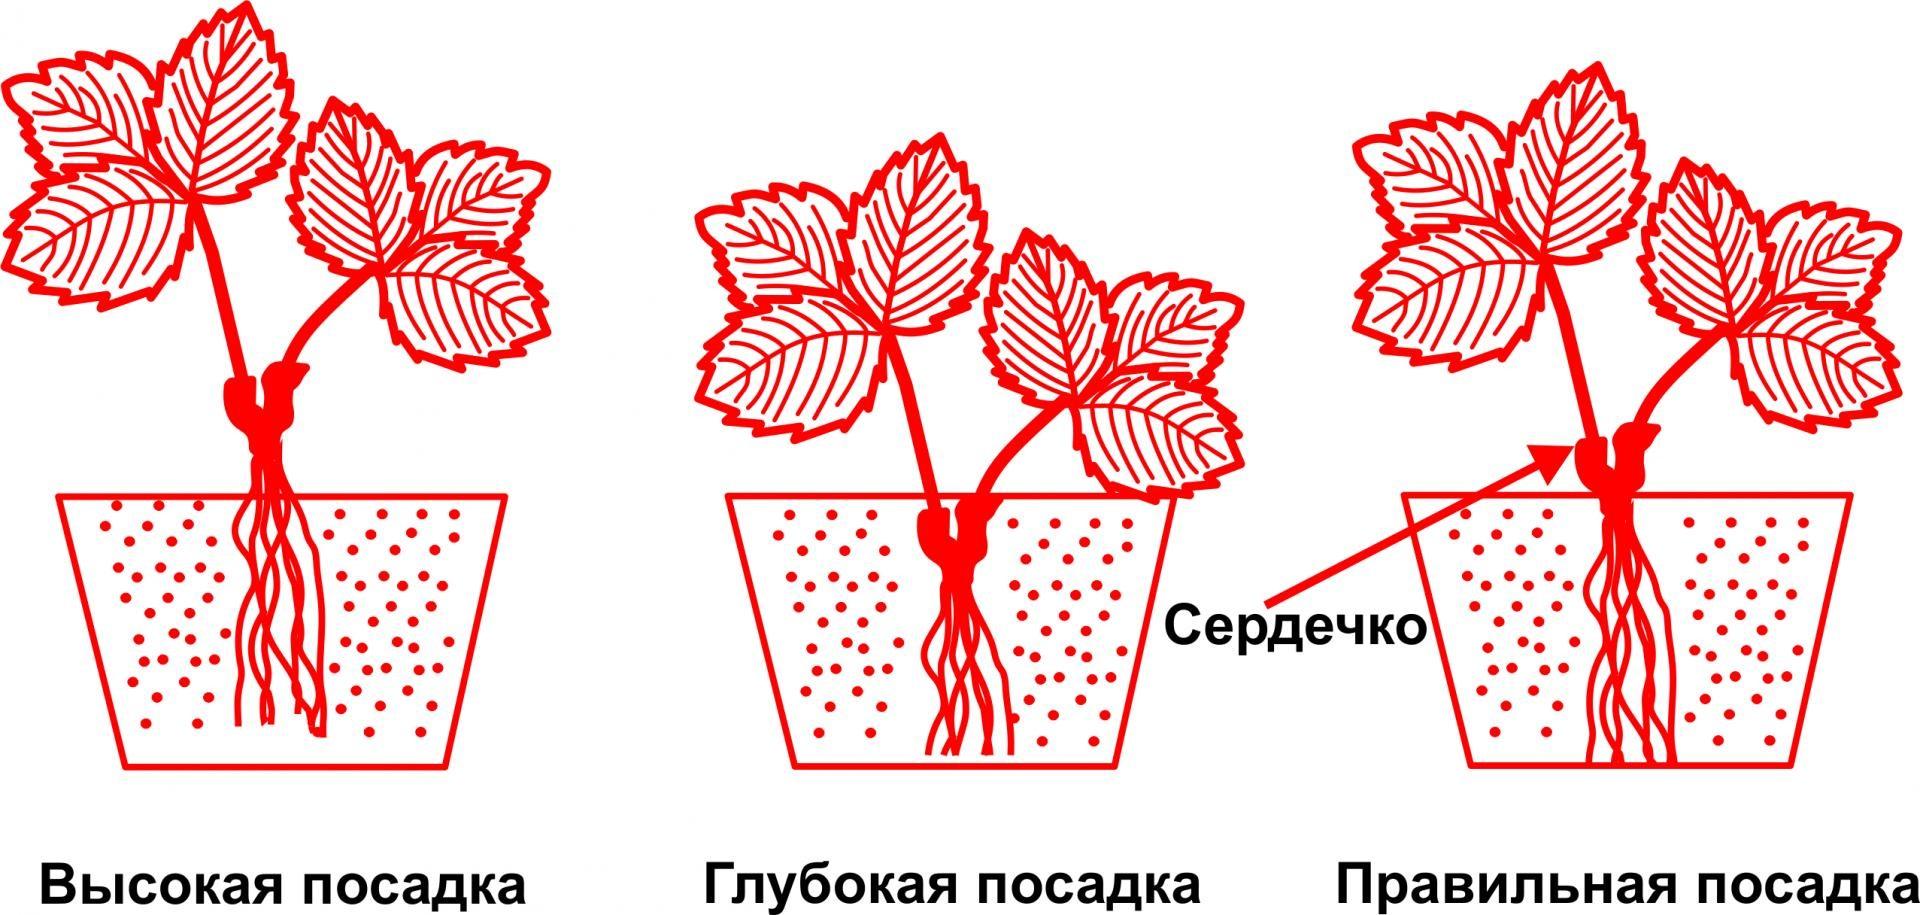 Схемы правильной и неправильной посадки клубники